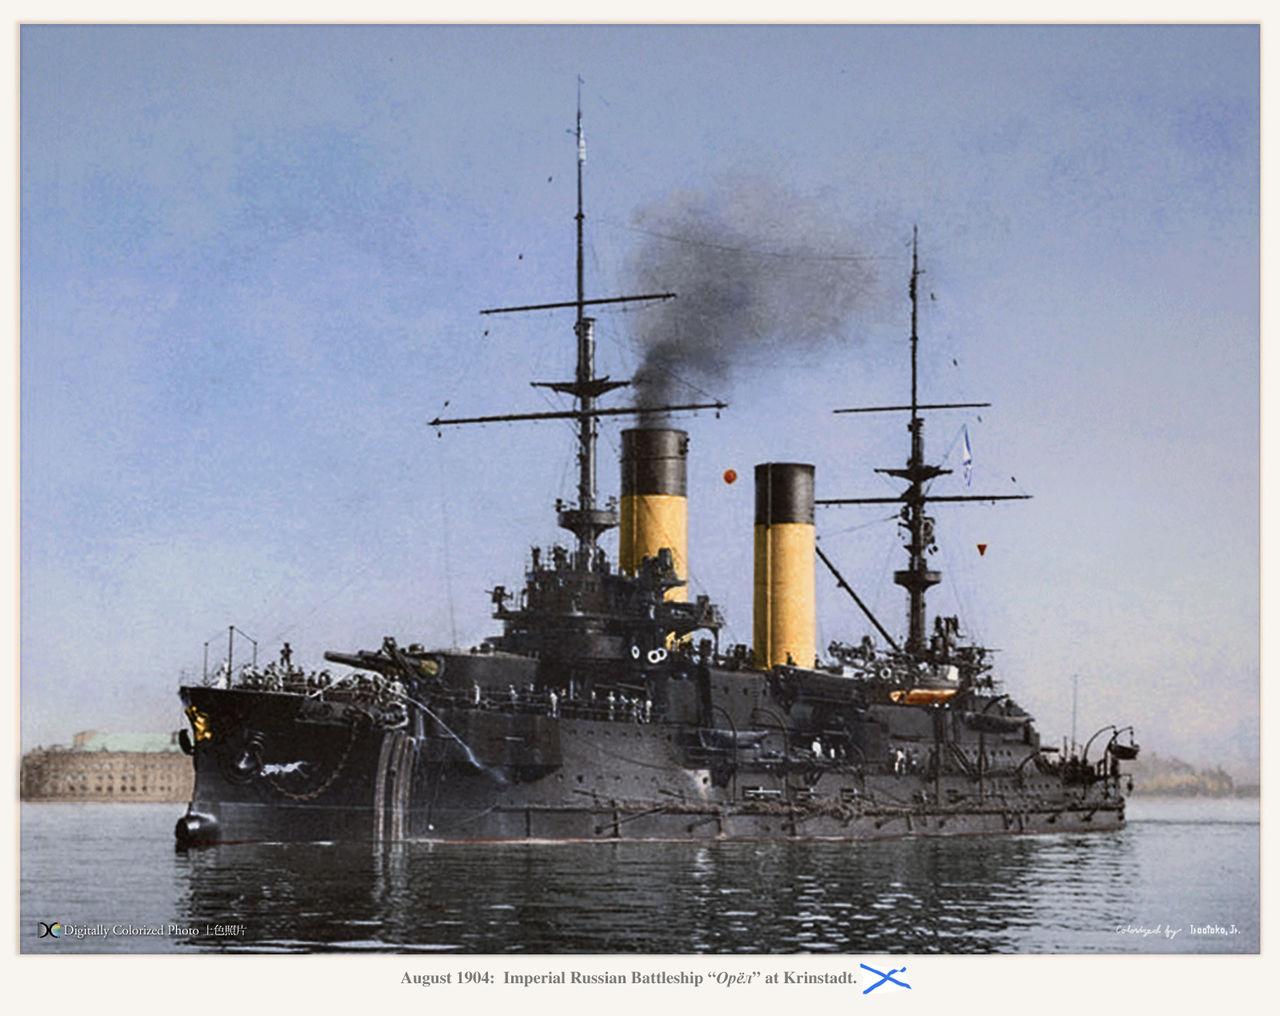 orel-1904.jpg